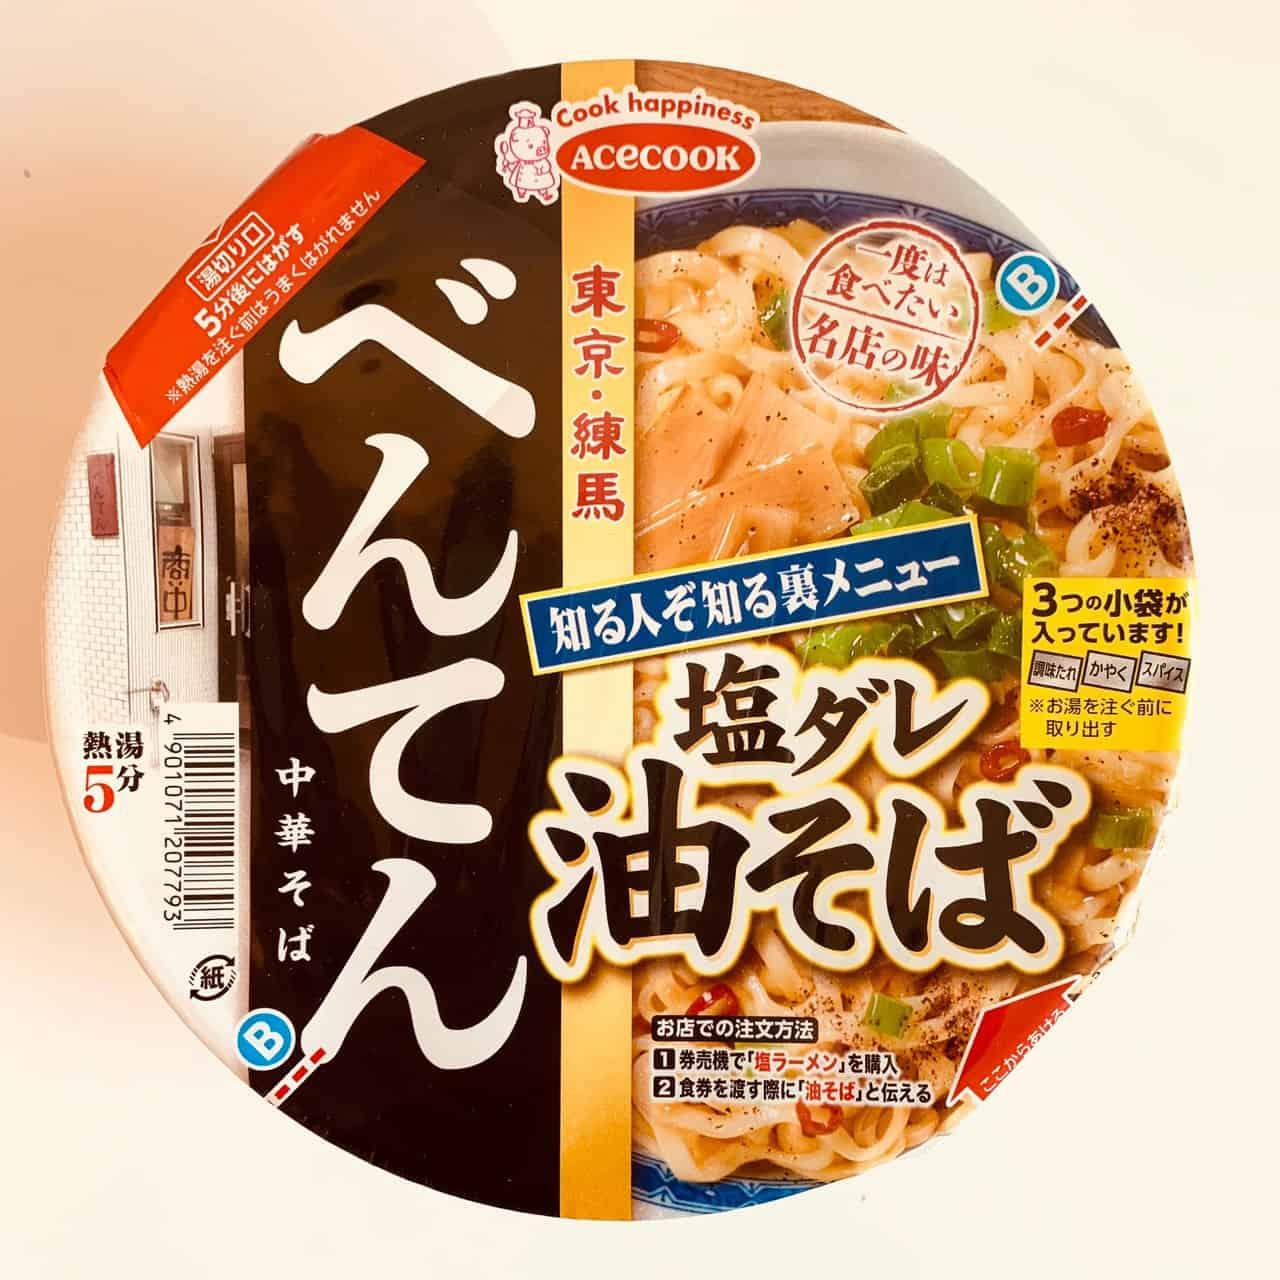 一 蘭 カップ ラーメン コンビニ 一蘭カップ麺の感想は?売り切れ状況やスーパーどこで売ってるかまと...